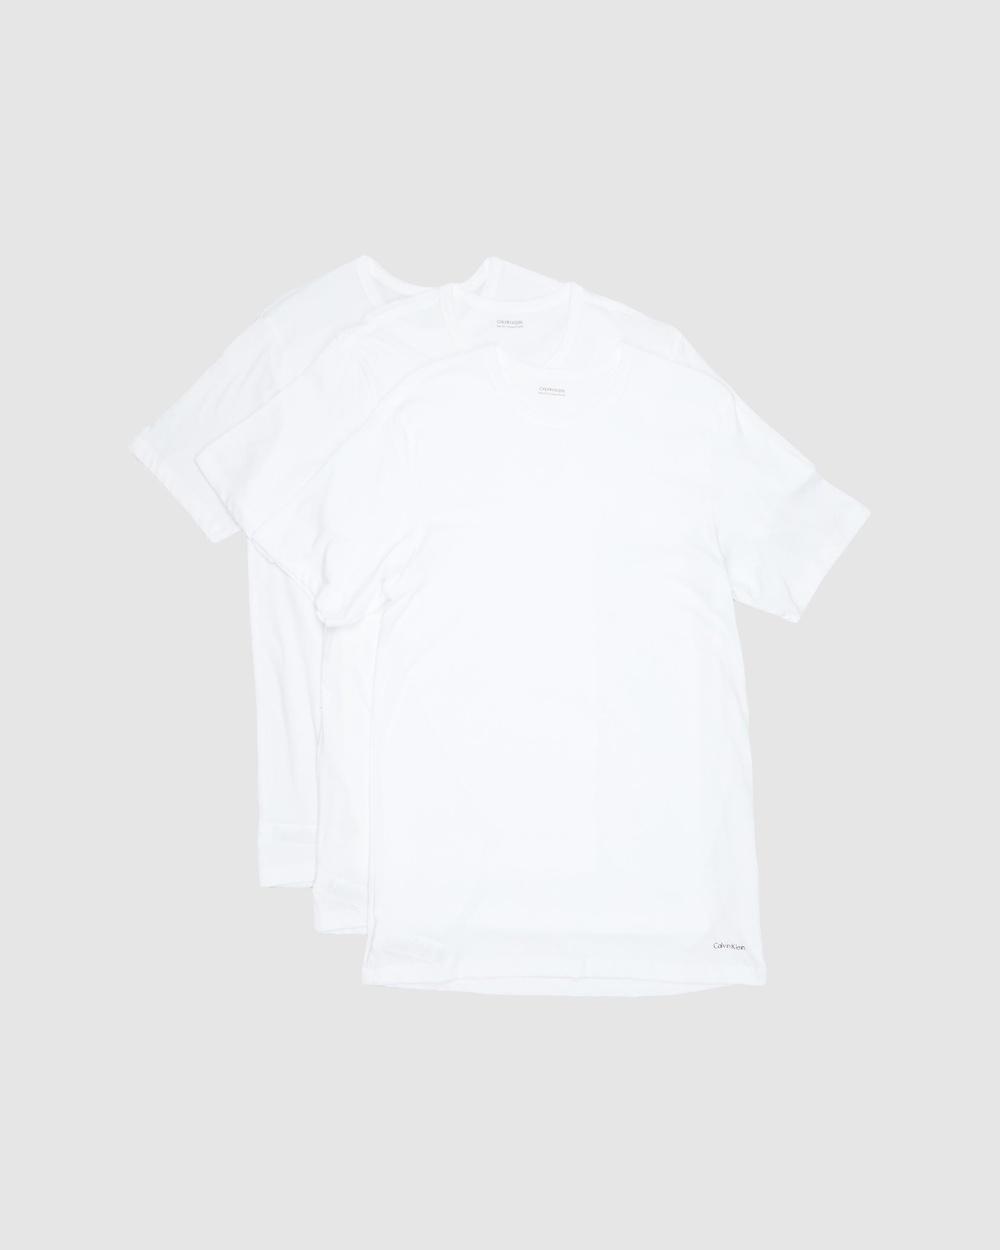 Calvin Klein - SS Crew Neck T Shirt 3 Pack - T-Shirts & Singlets (White) SS Crew Neck T-Shirt 3-Pack